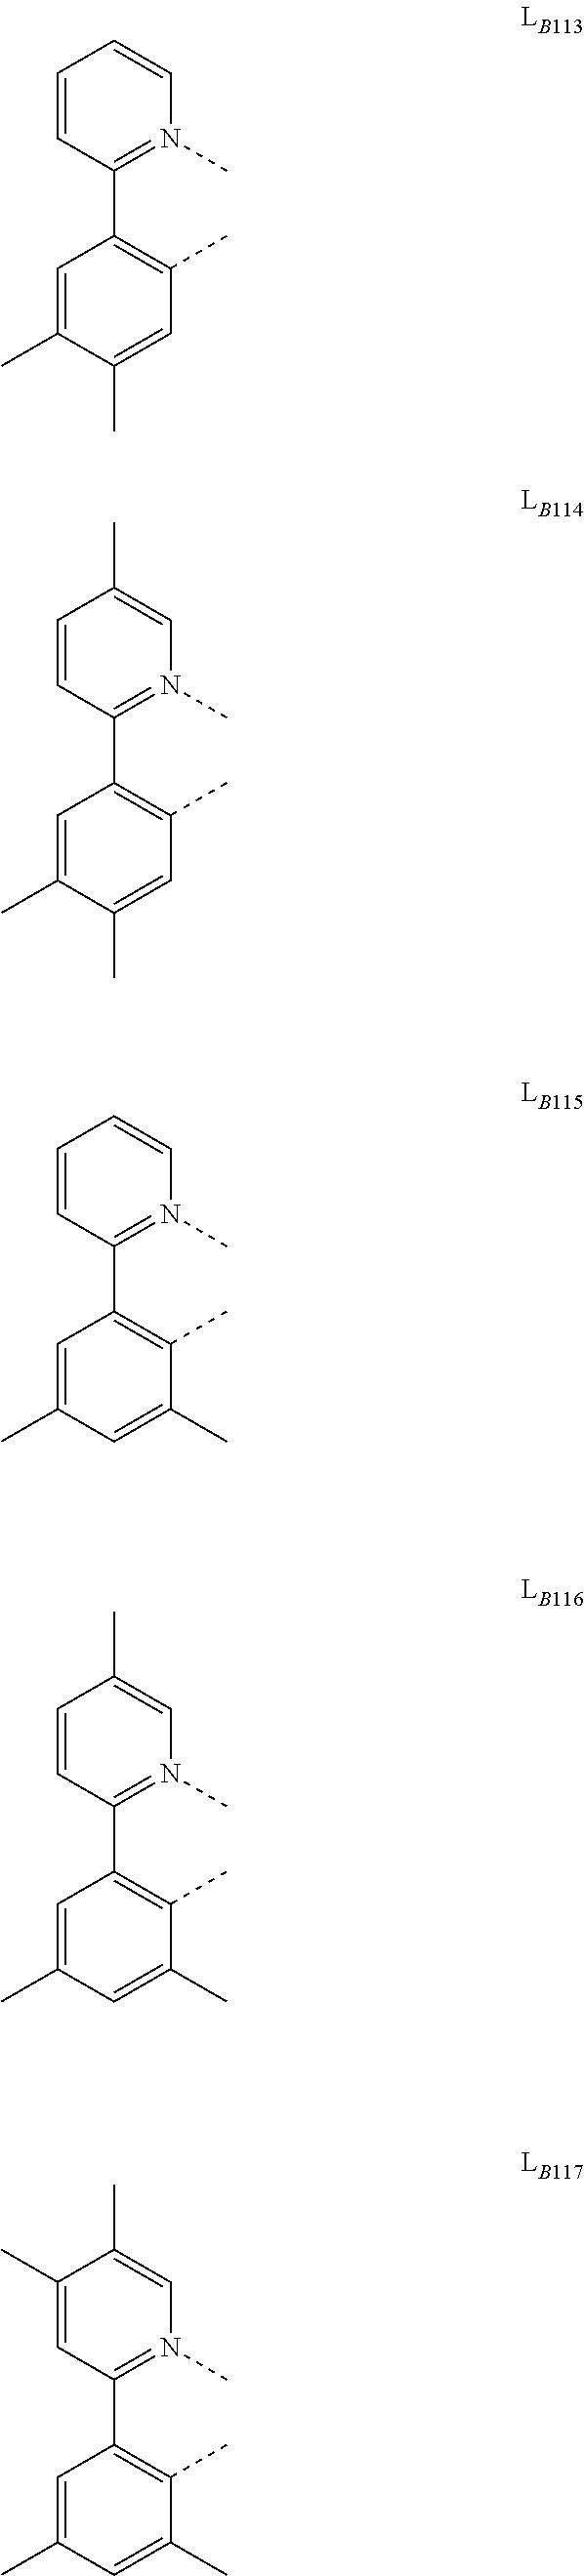 Figure US09929360-20180327-C00060